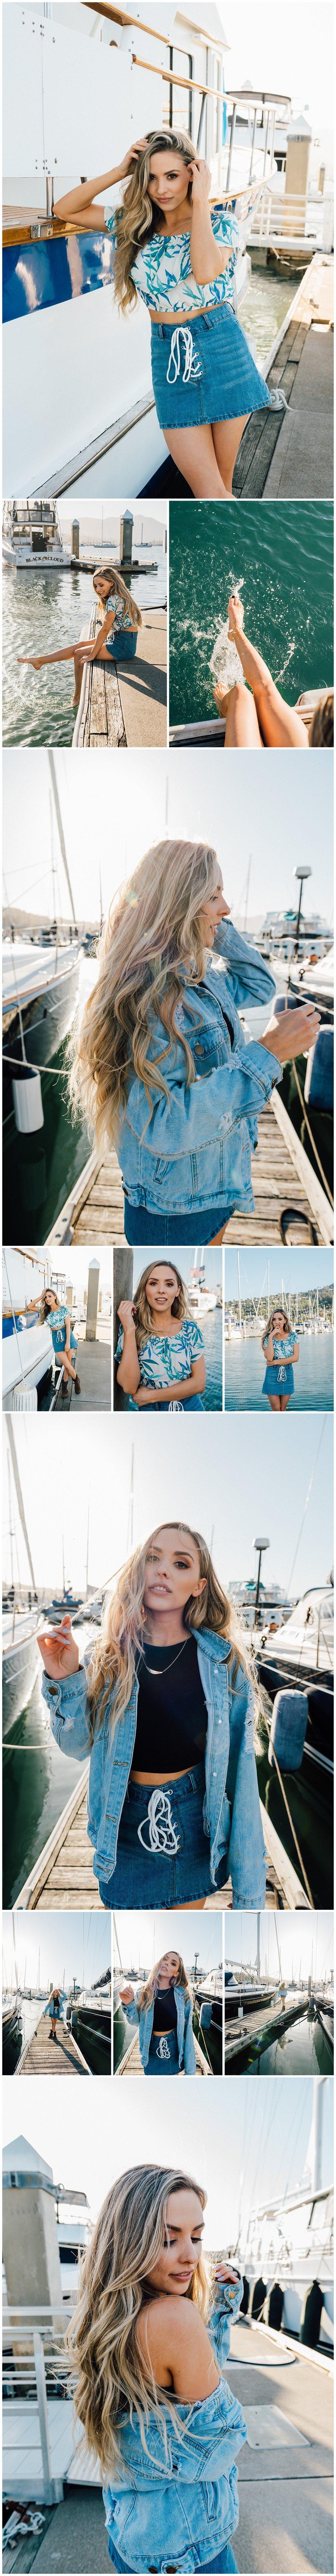 Sausalito_Boat_Docks